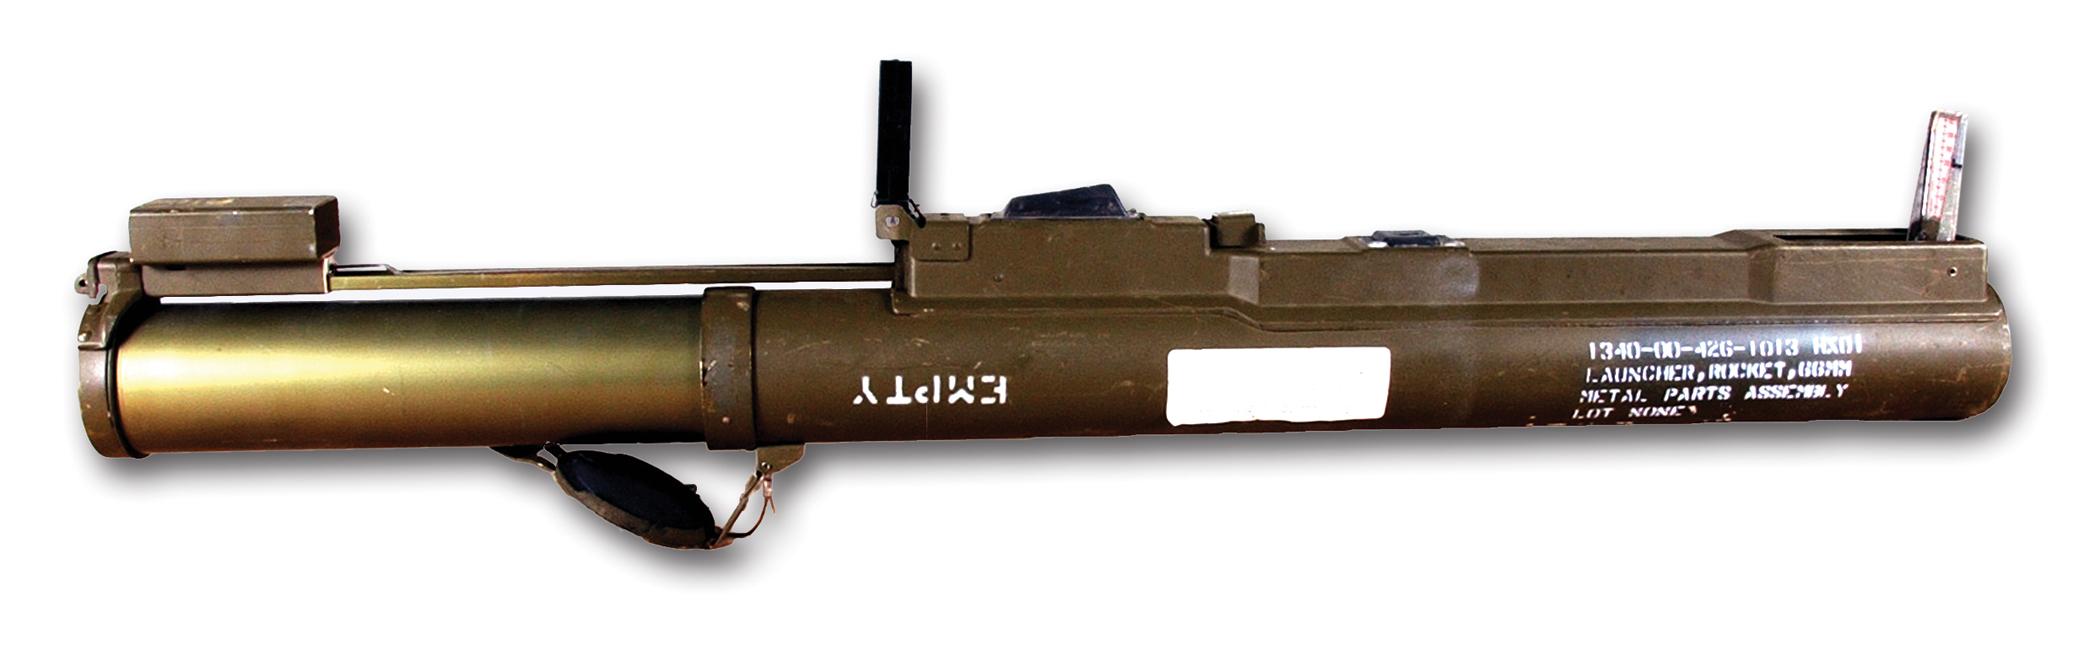 M72 LAW antitank rocket launcher  WGR  Modern Firearms